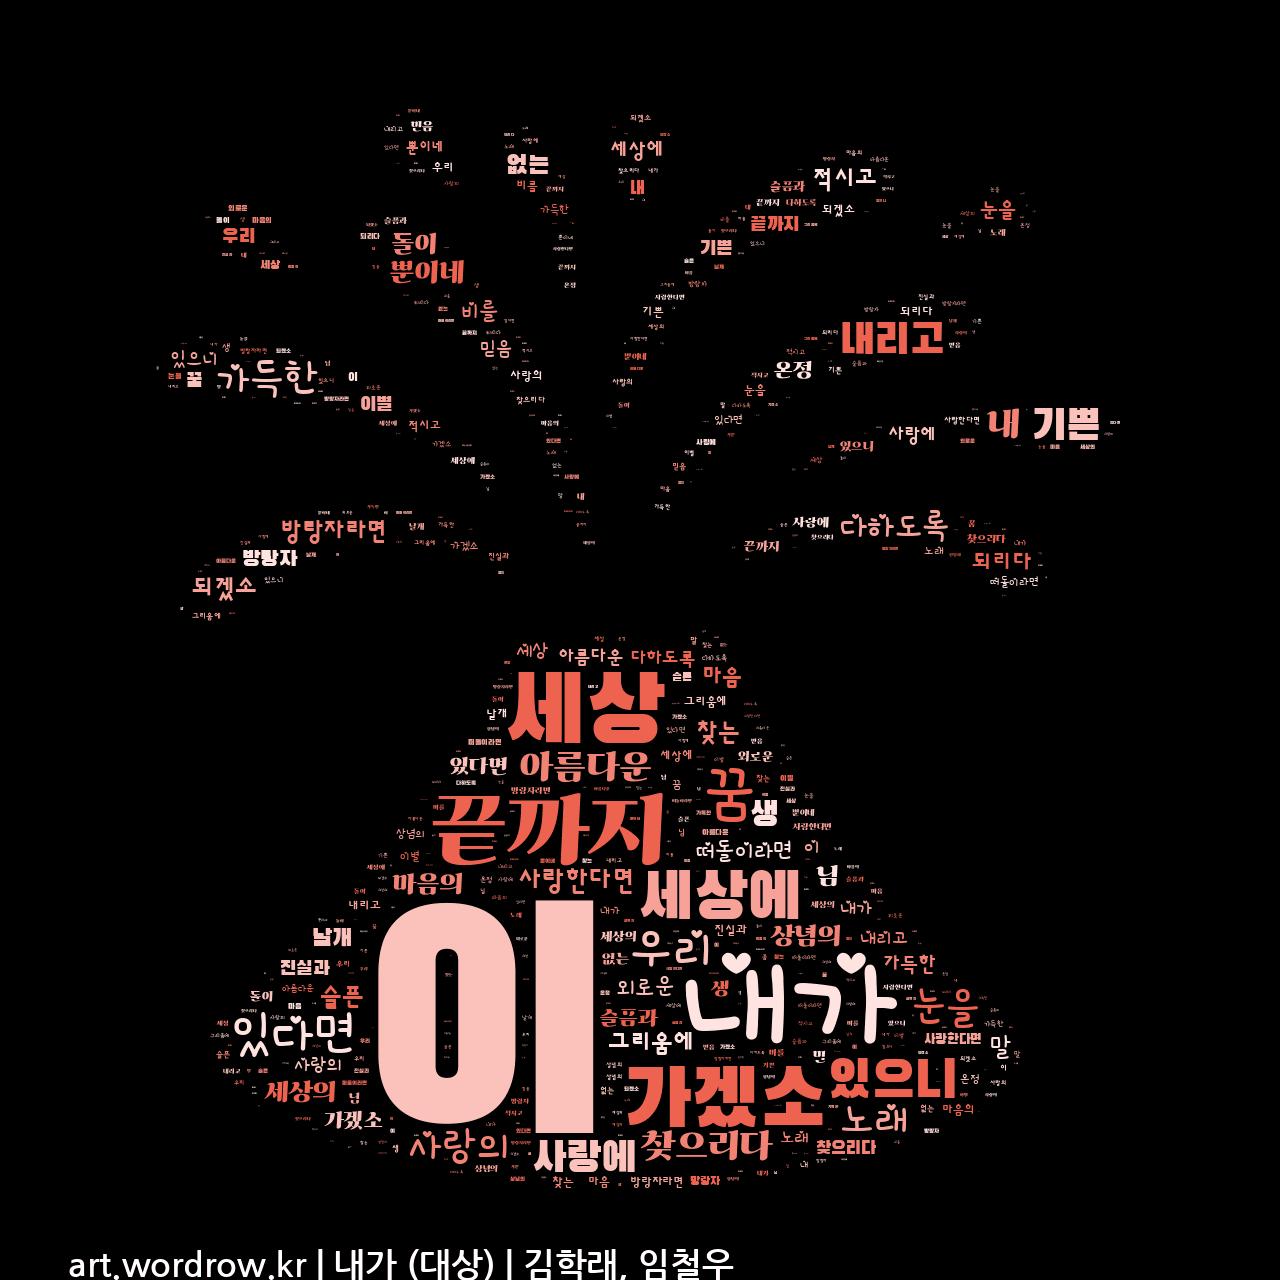 워드 아트: 내가 (대상) [김학래, 임철우]-7